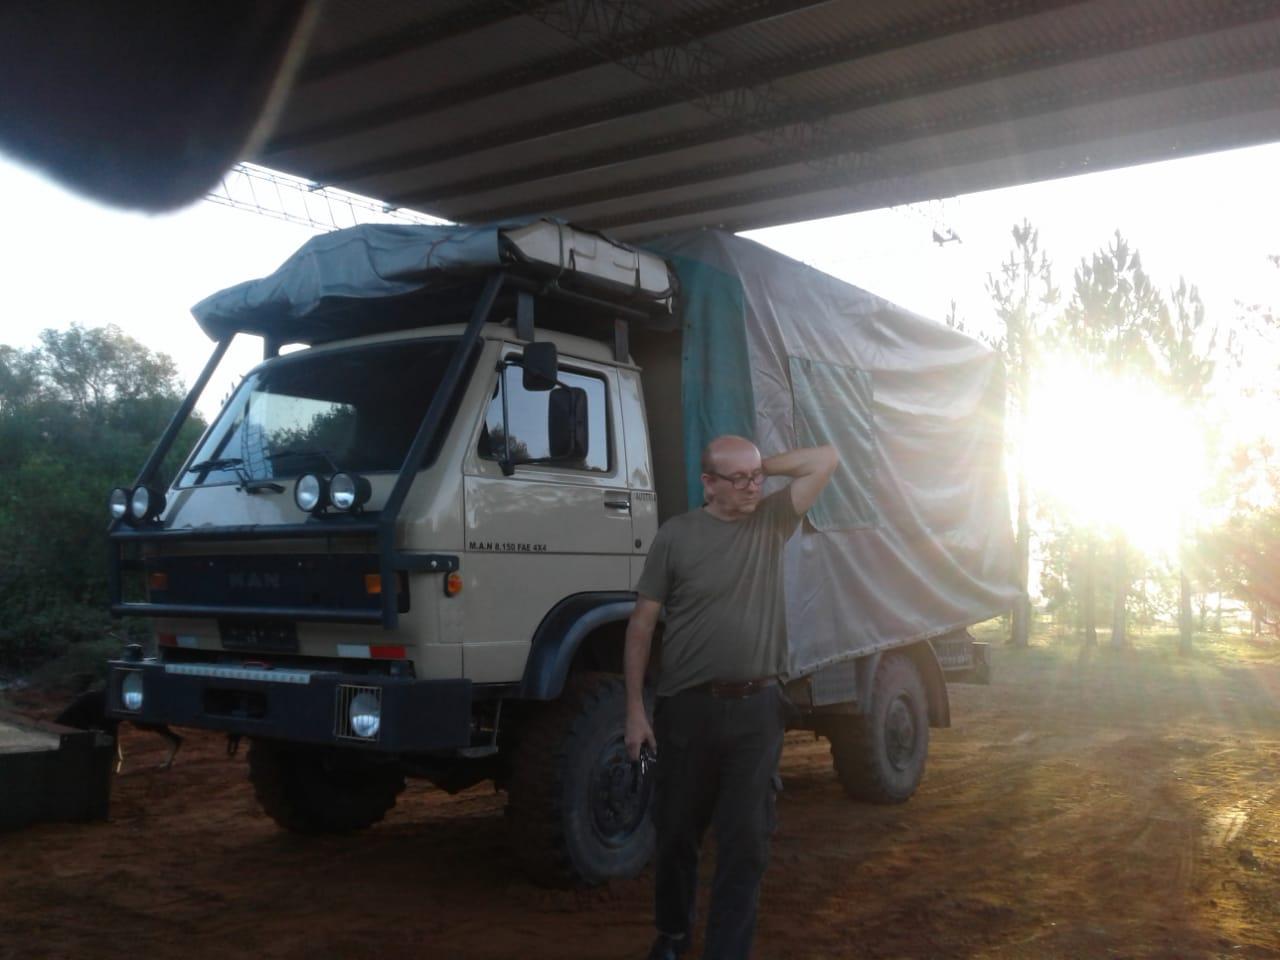 Jorge unser Host in Argentinien hat ein Dach gebaut damit unser LKW optimal stehen kann. Danke! Nuestro anfitrión ha construido un espacio de estacionamiento para que nuestro camión esté seguro. Gracias!